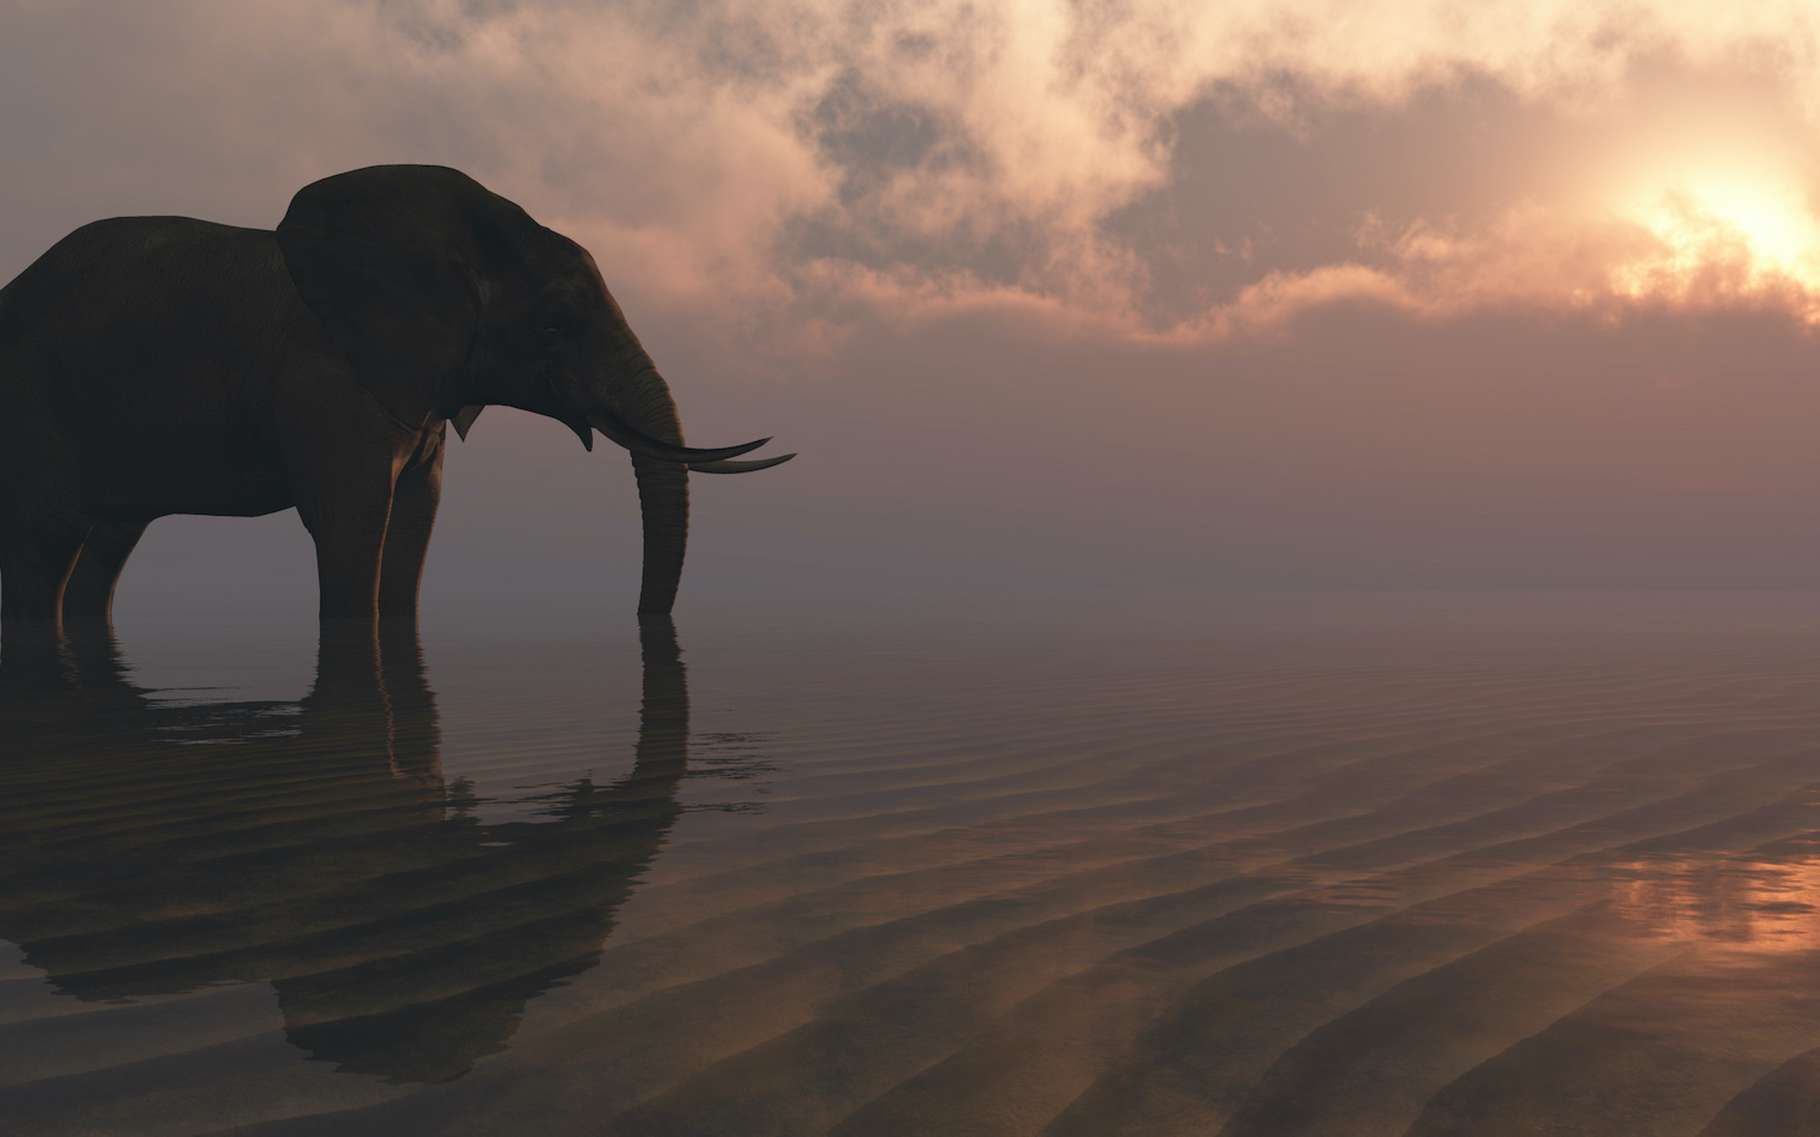 Des chercheurs du Georgia Tech College of Engineering (États-Unis) ont étudié les capacités de succion des éléphants. © juanjo, Adobe Stock